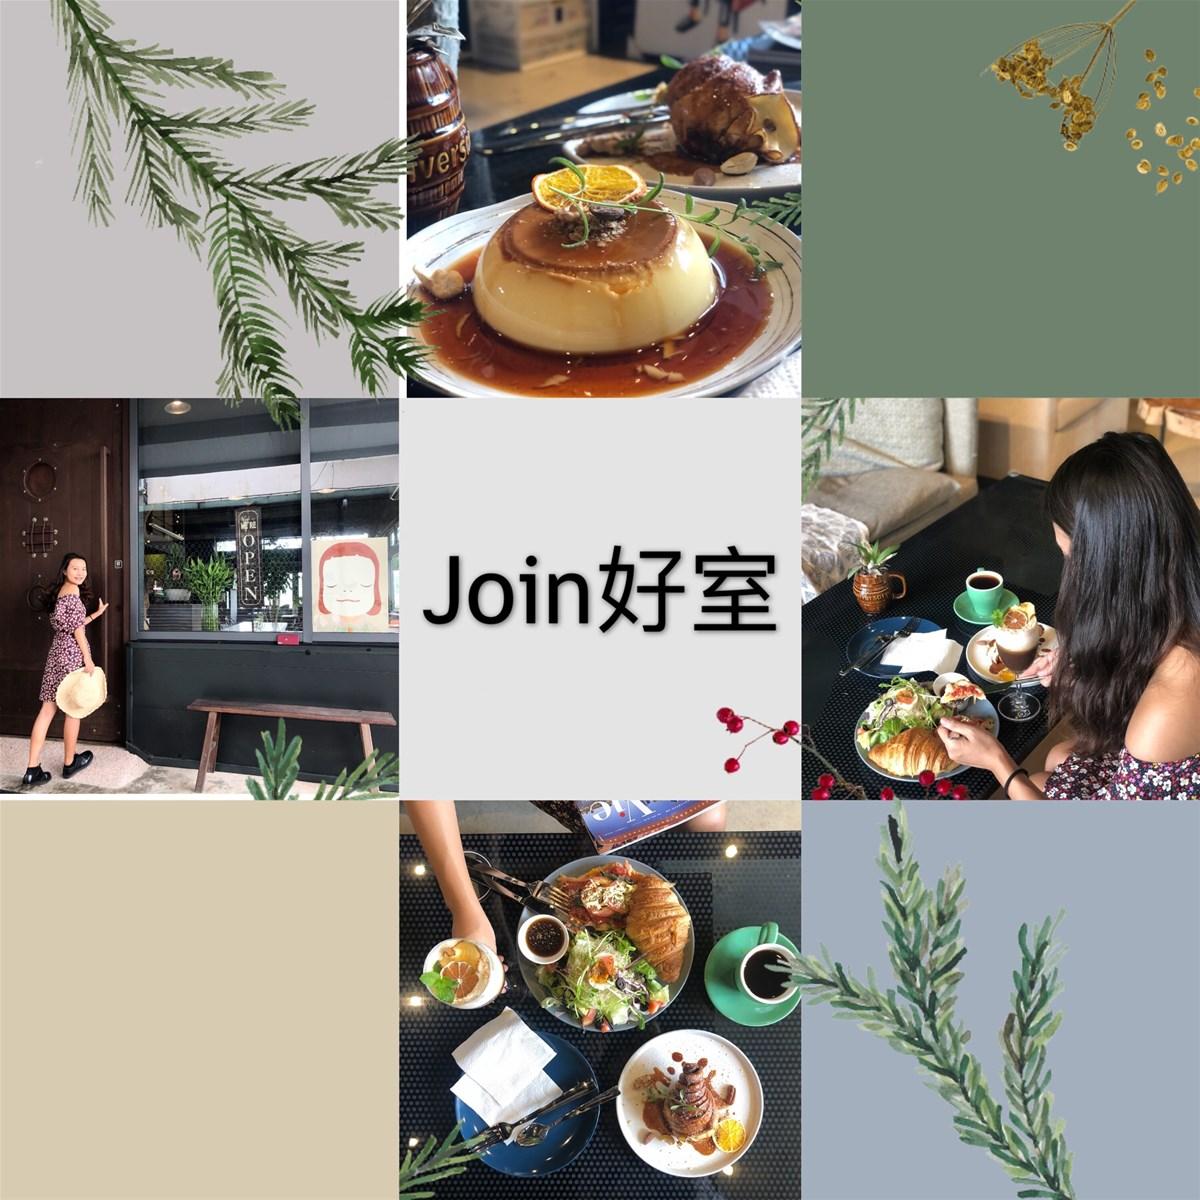 桃園大溪|藏身於百年街區的秘境網美咖啡館「JoinHouse大溪x好室」